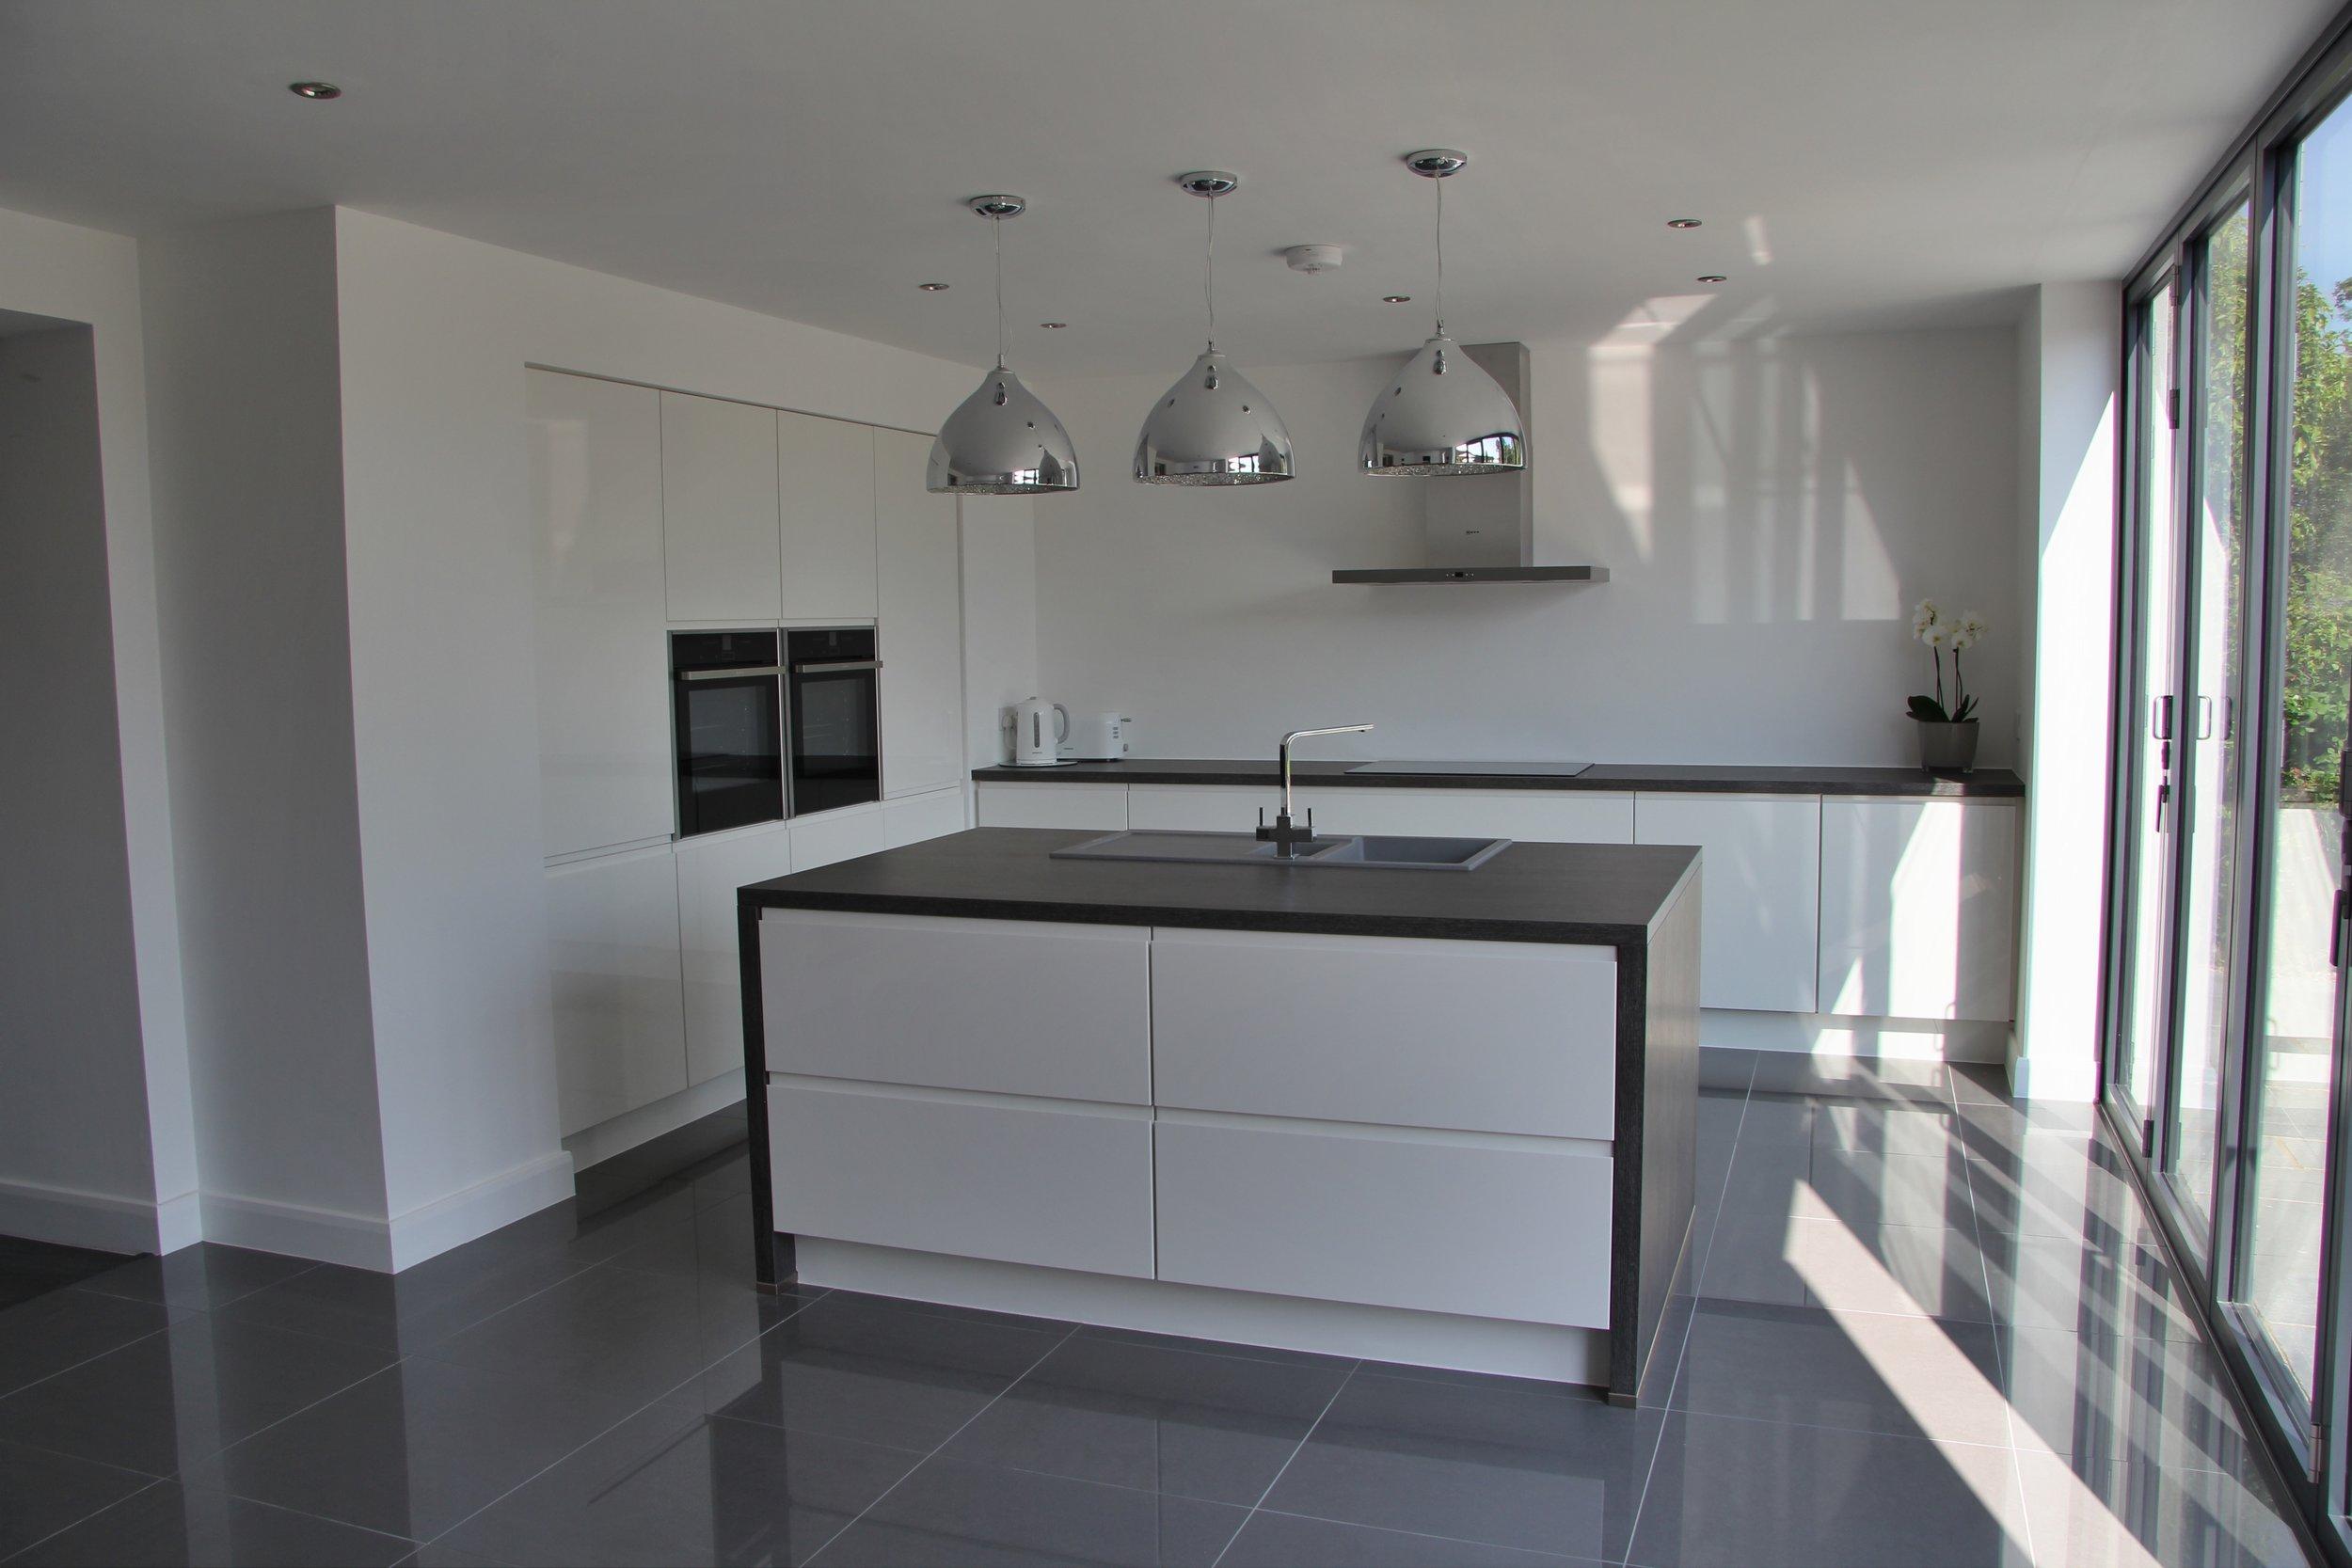 15107_kitchen_1.jpg